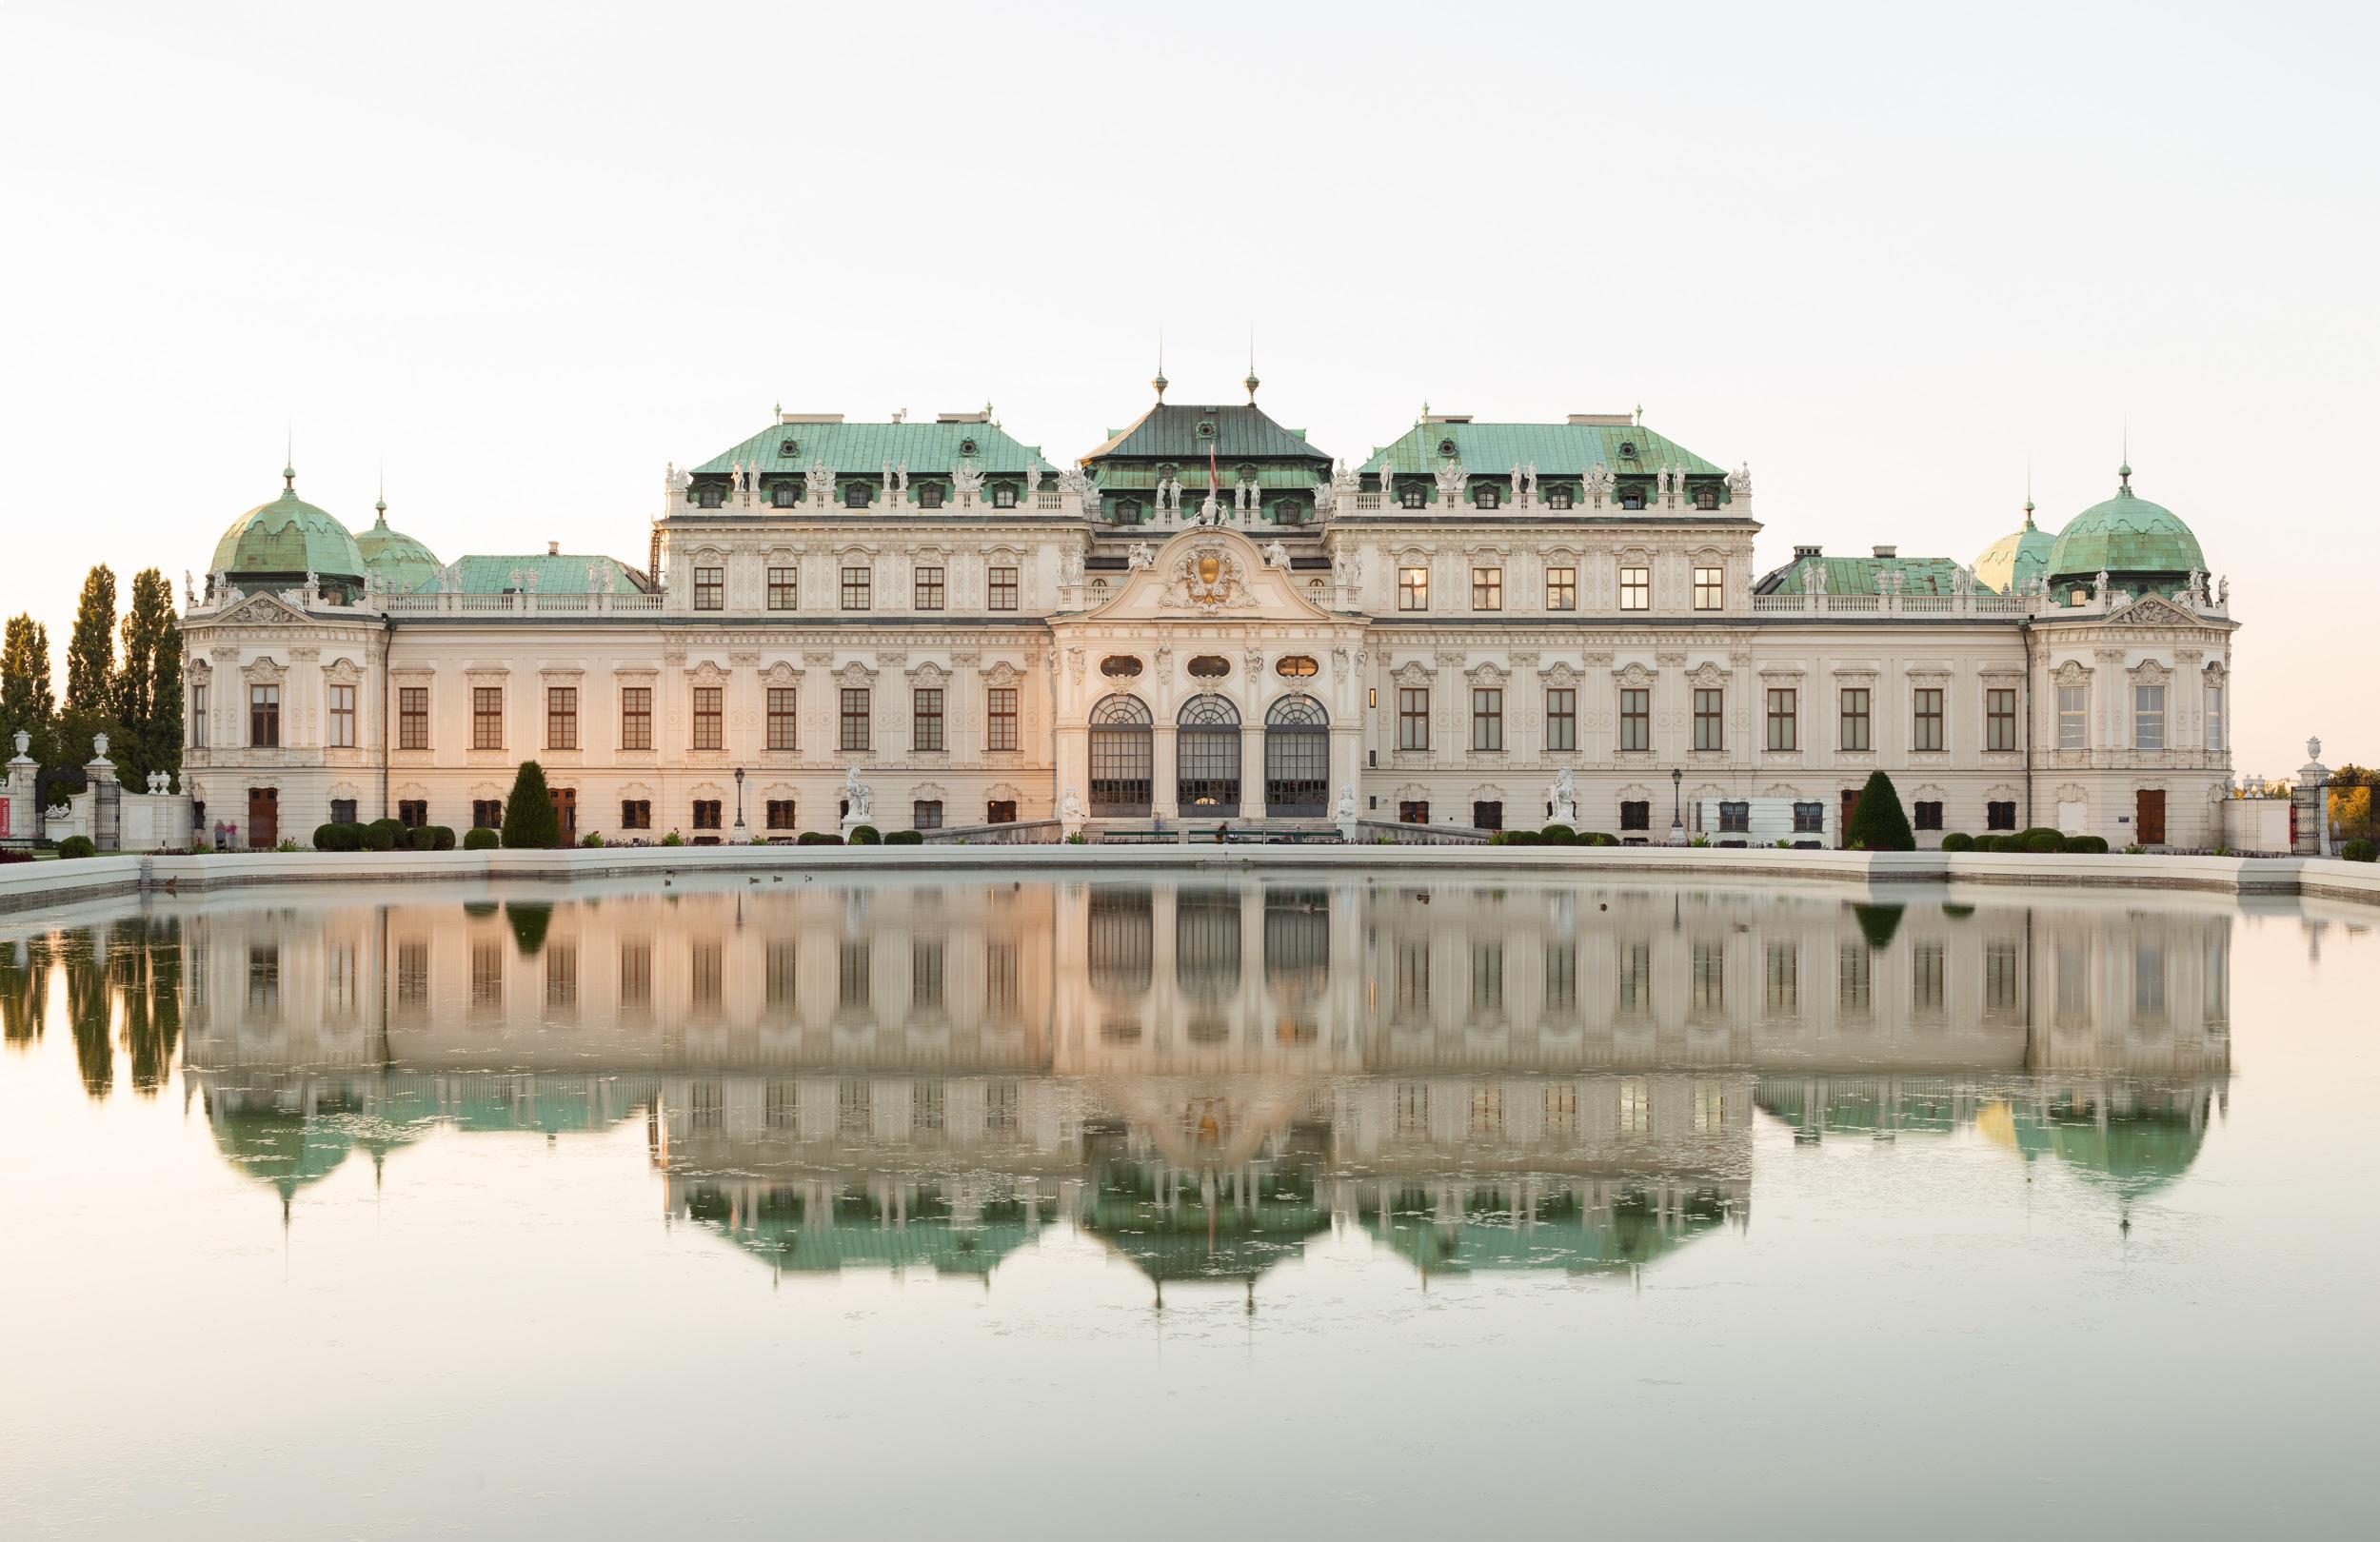 © Foto: Lukas Schaller / Belvedere, Wien